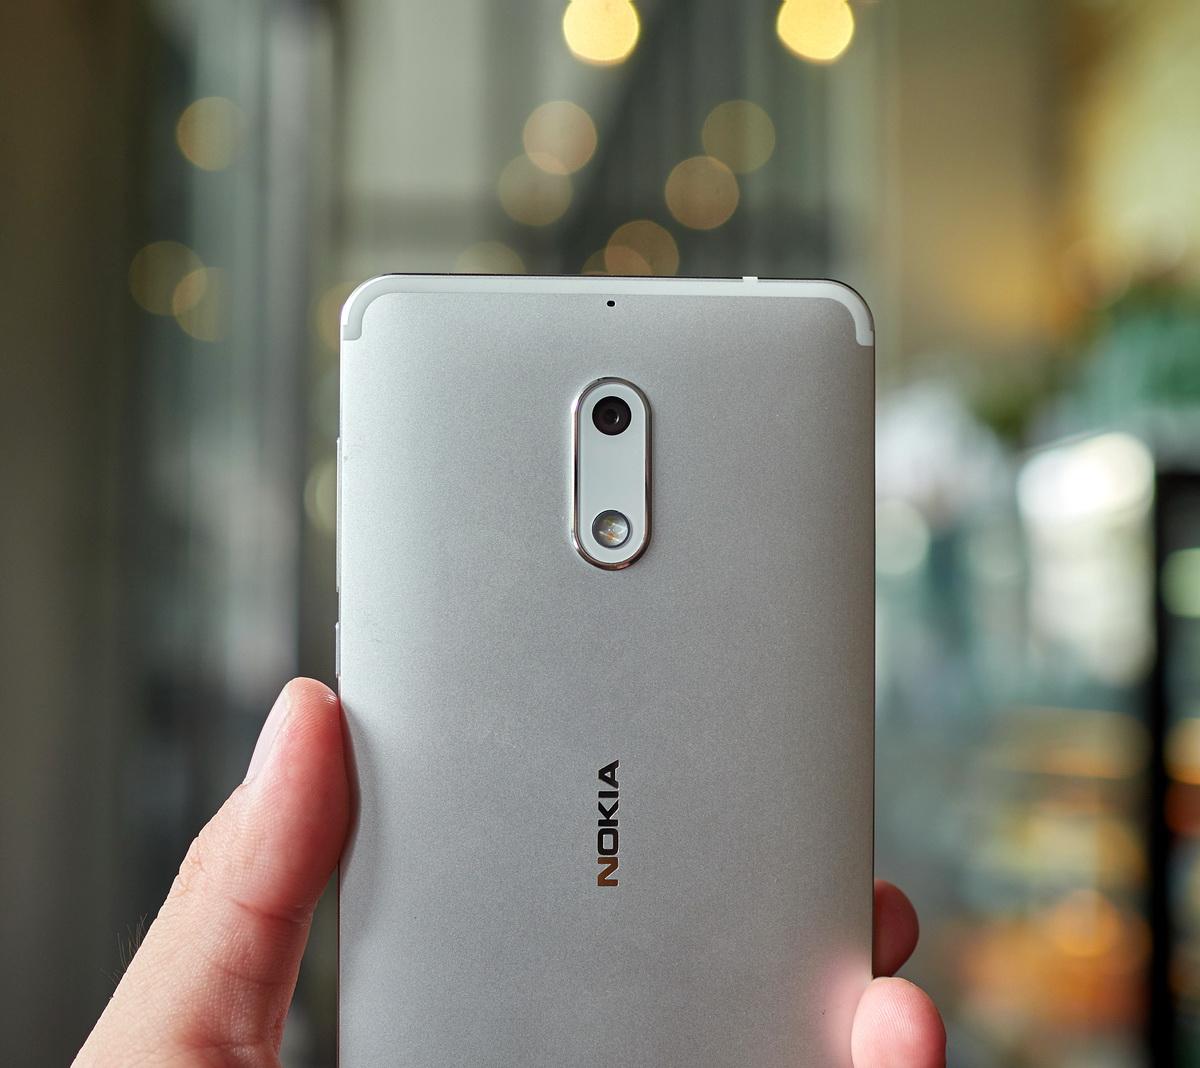 Đánh giá camera Nokia 6: Ổn định, không có sự nổi bật